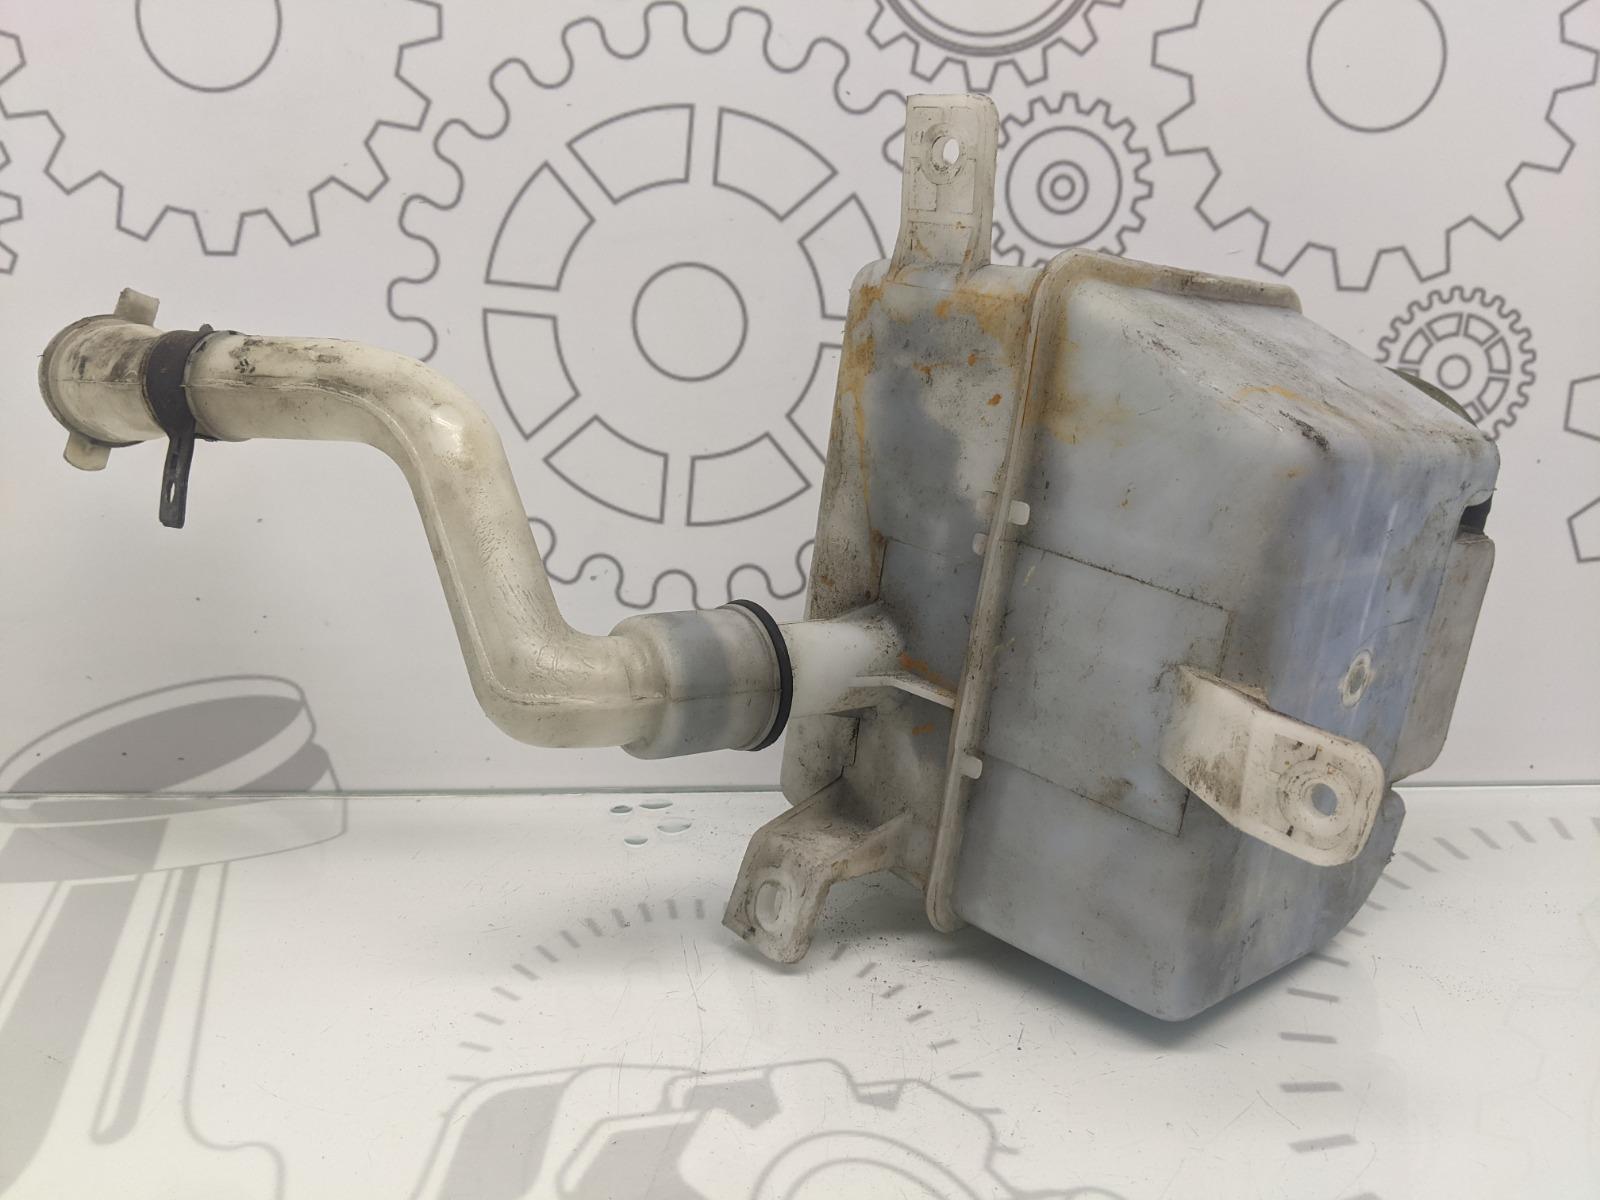 Бачок омывателя Daewoo Matiz 0.8 I 2002 (б/у)